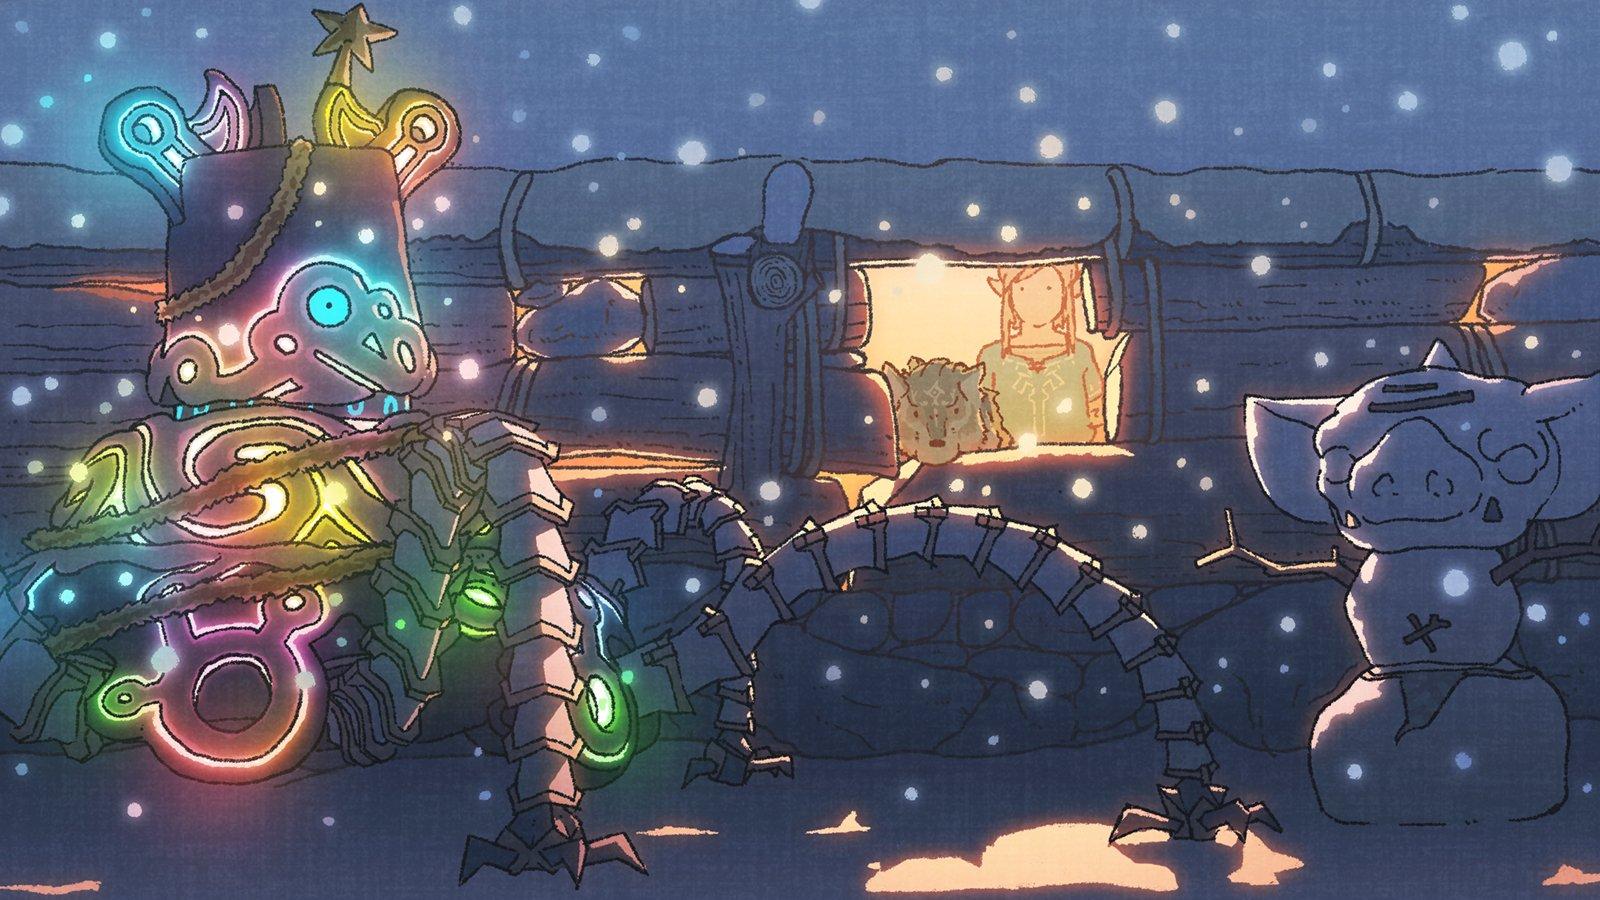 Weihnachtsartwork